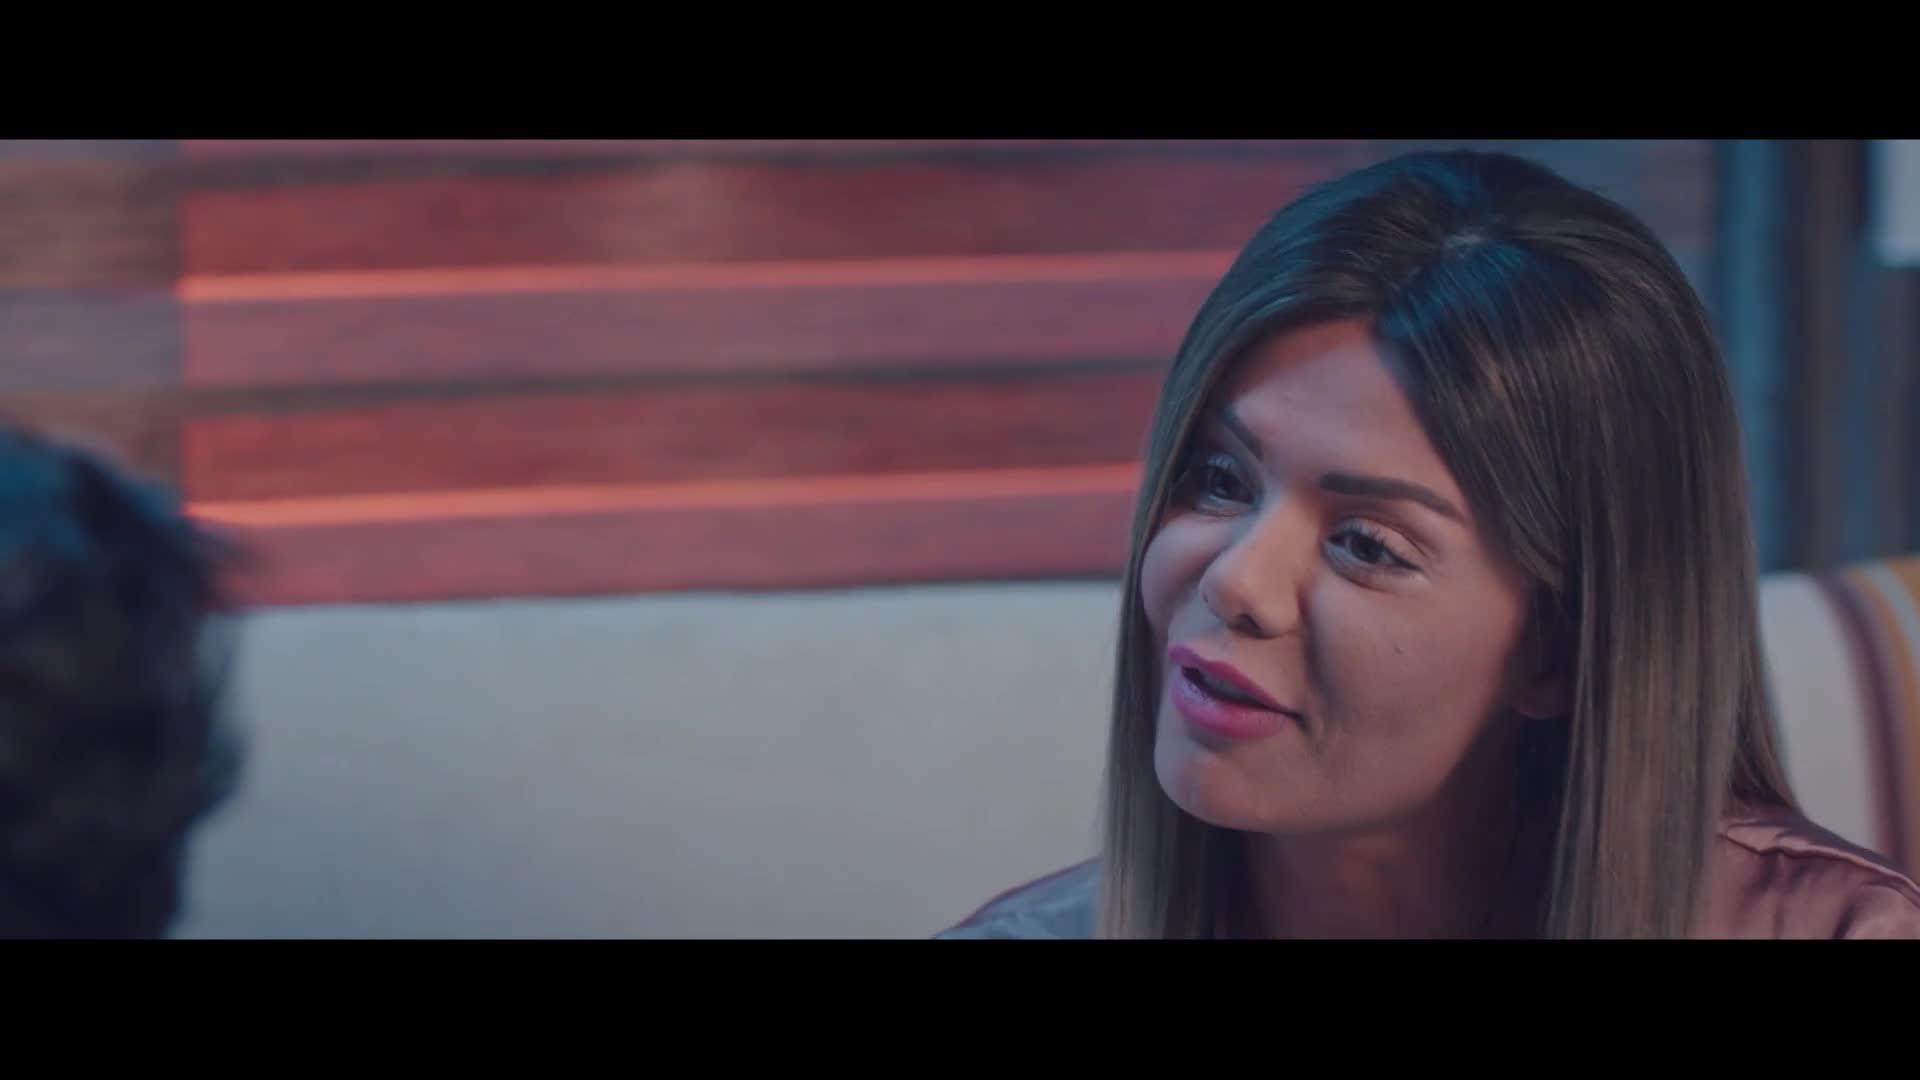 المسلسل المصري طلقة حظ [2019][WEB DL][1080p] تحميل تورنت 20 arabp2p.com